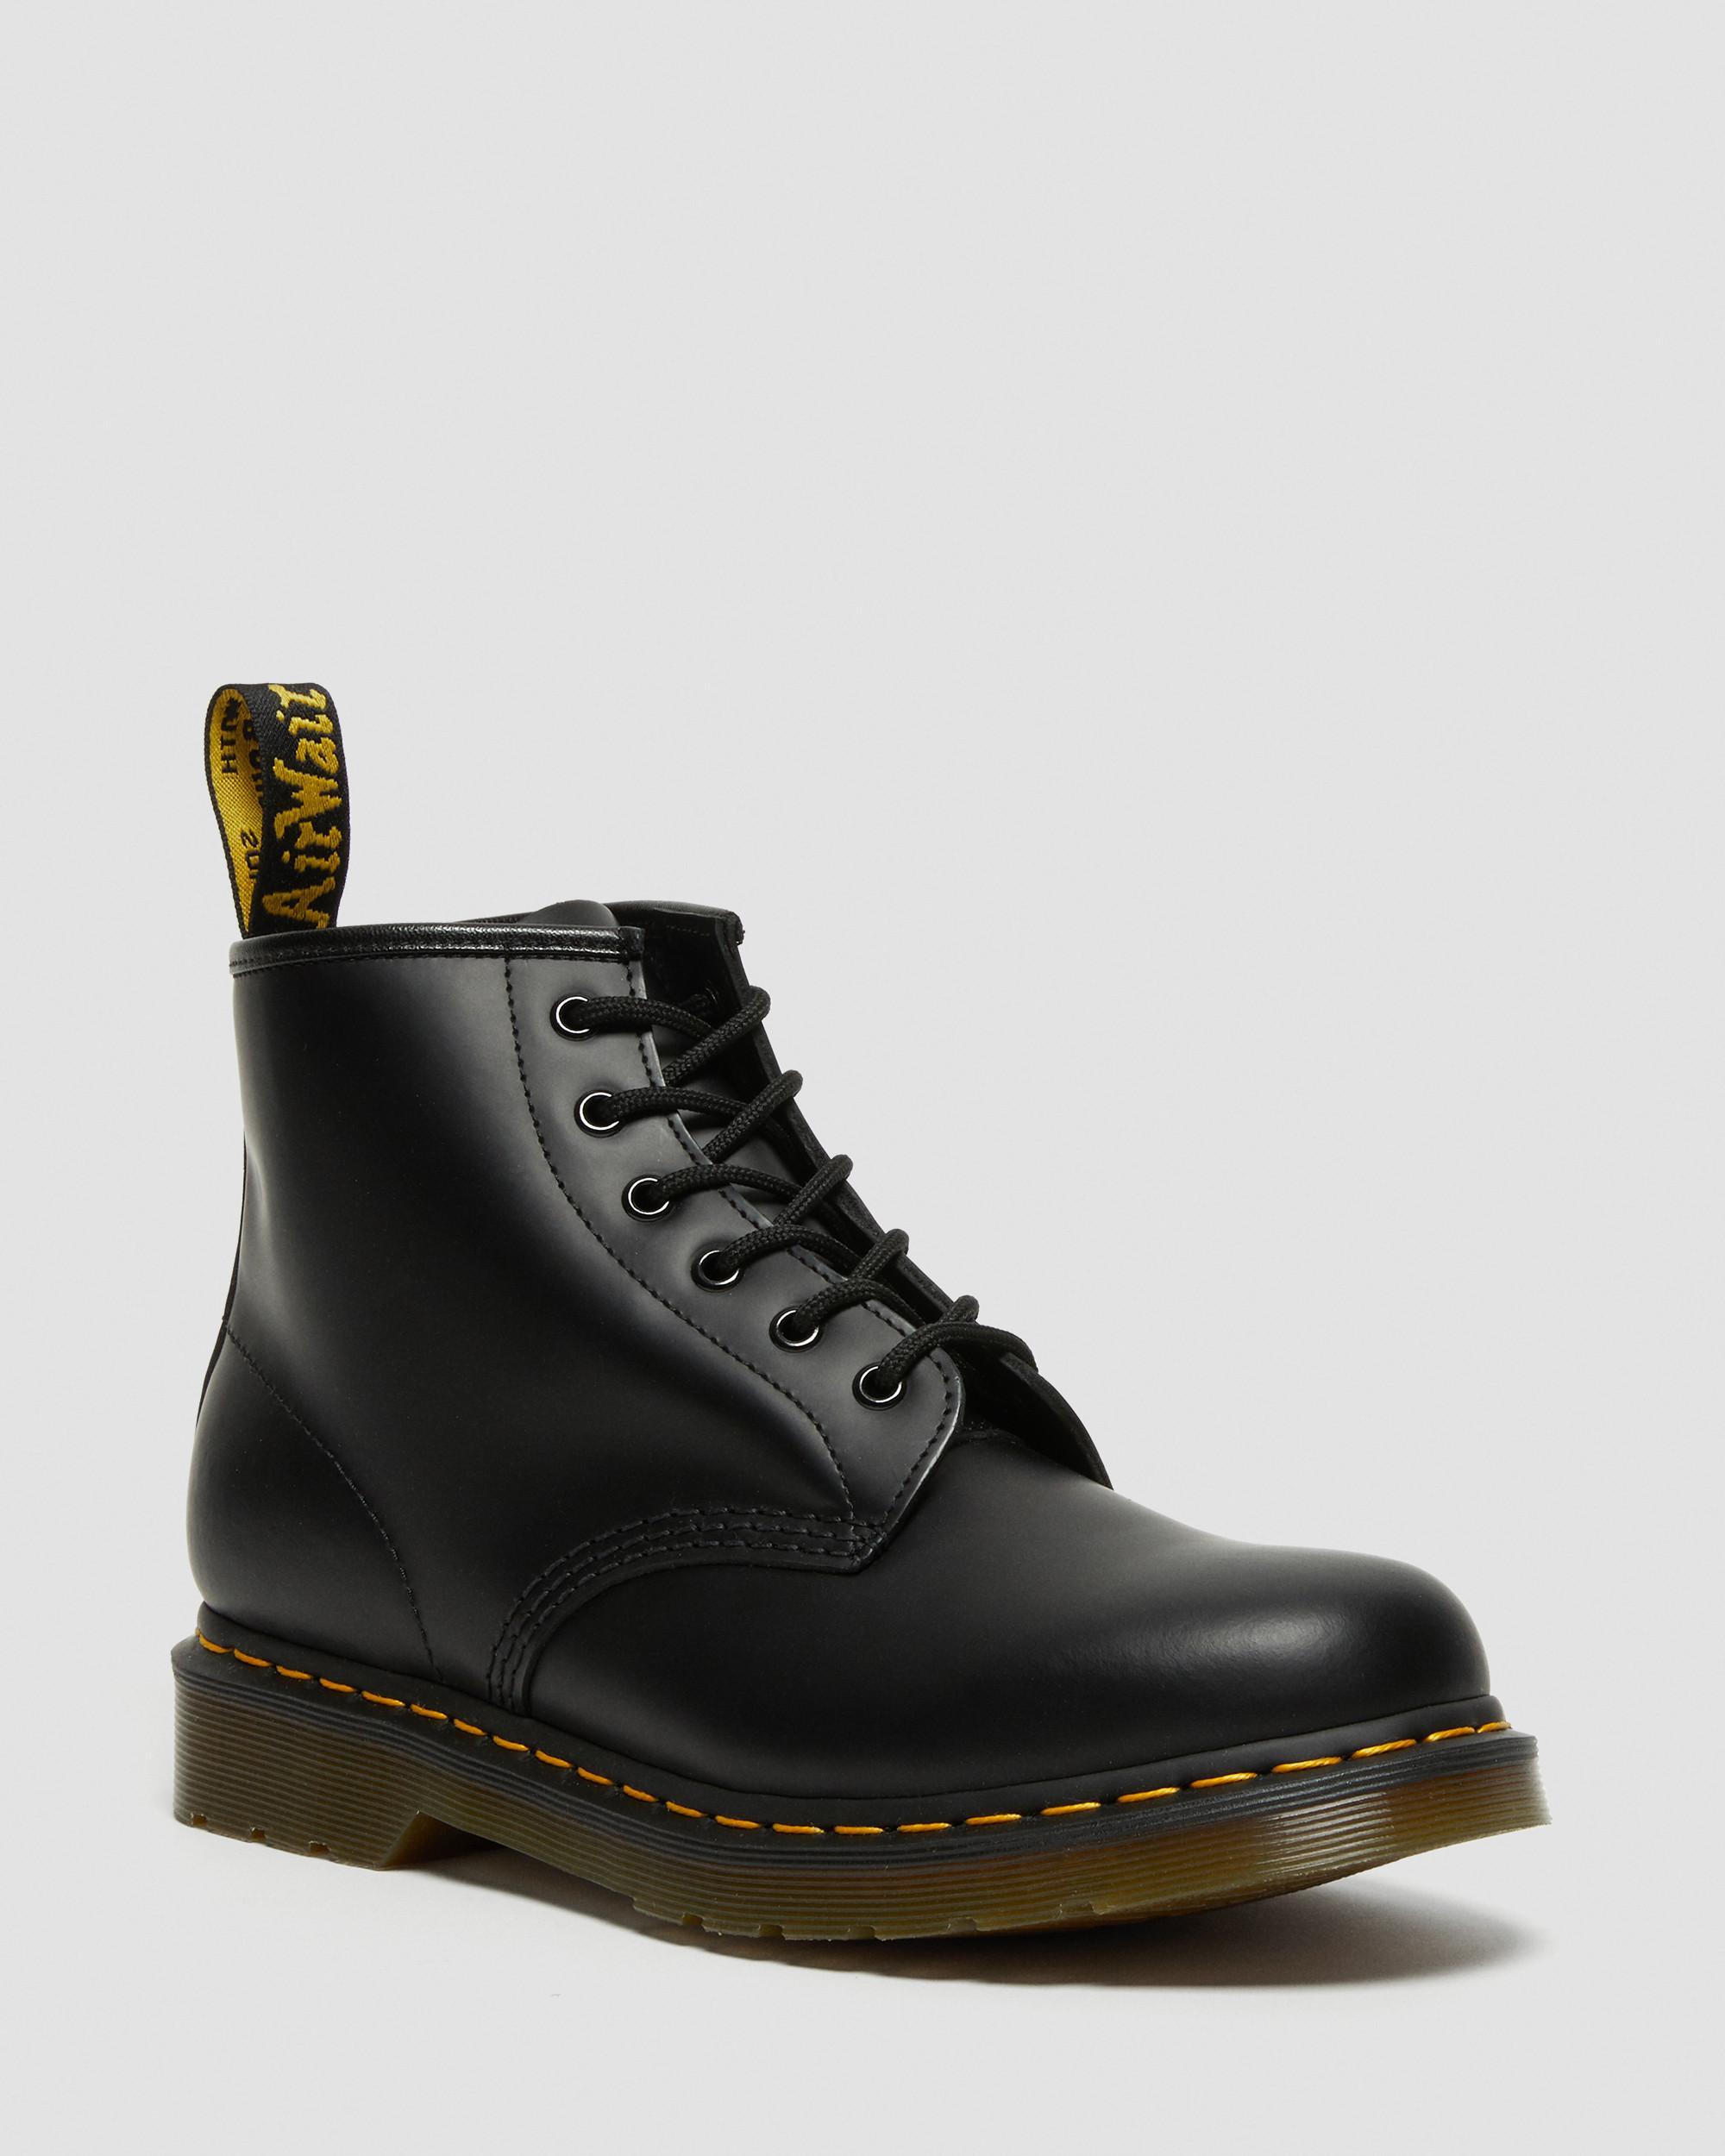 Boots, Shoes \u0026 Sandals | Dr. Martens